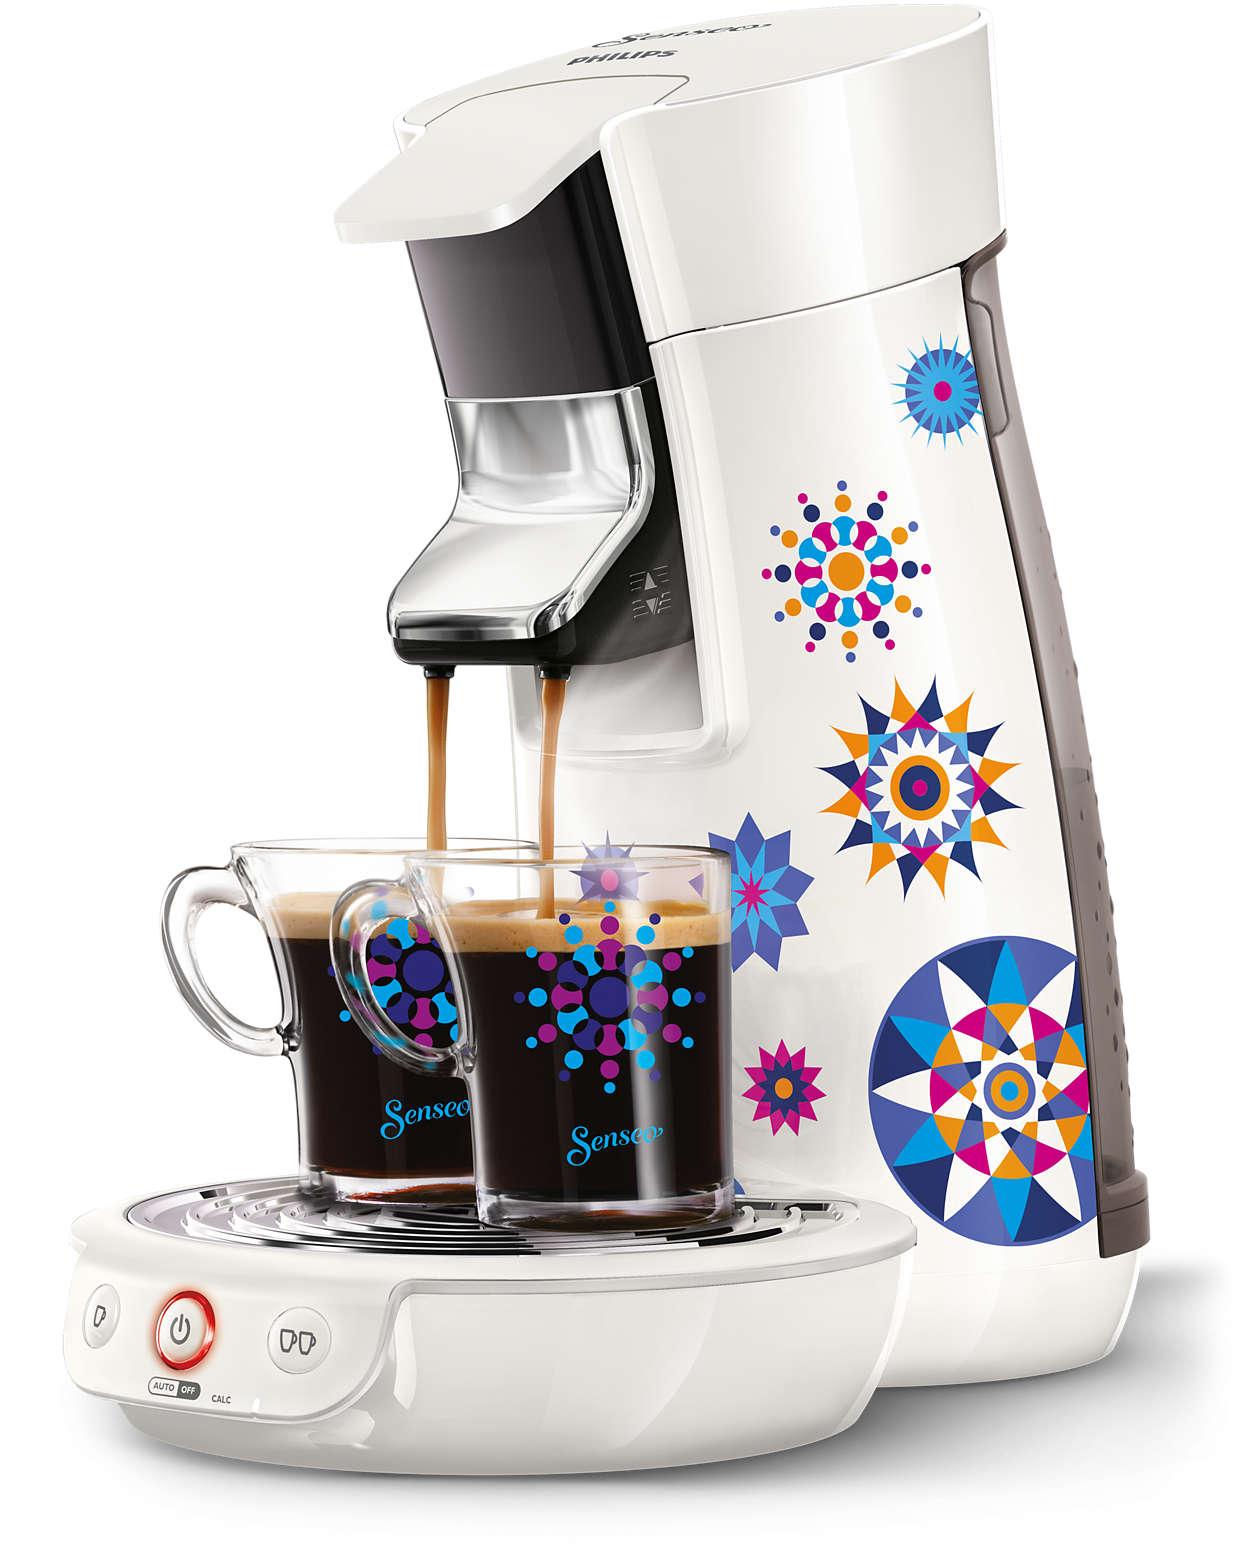 viva caf machine caf dosettes hd7836 11 senseo. Black Bedroom Furniture Sets. Home Design Ideas